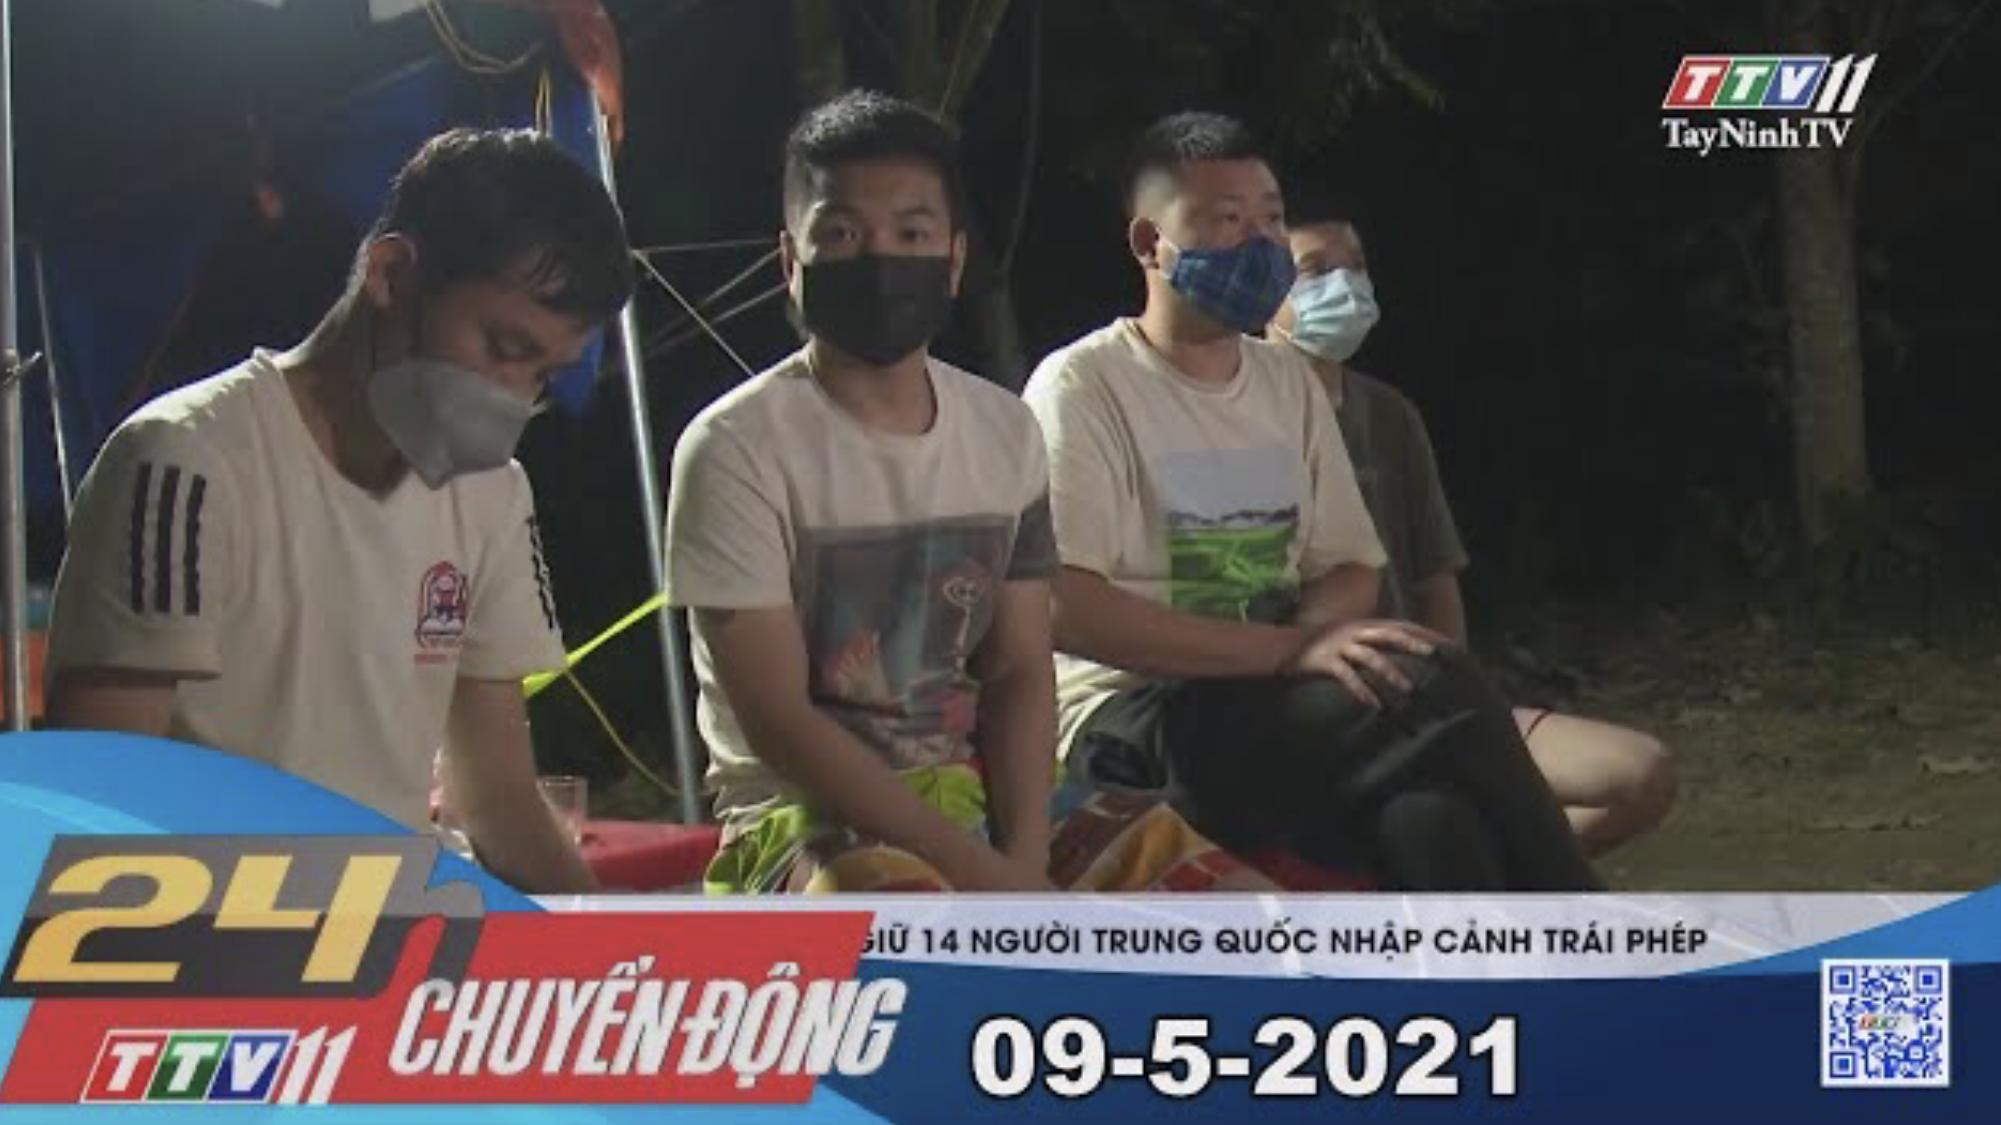 24h Chuyển động 09-5-2021 | Tin tức hôm nay | TayNinhTV